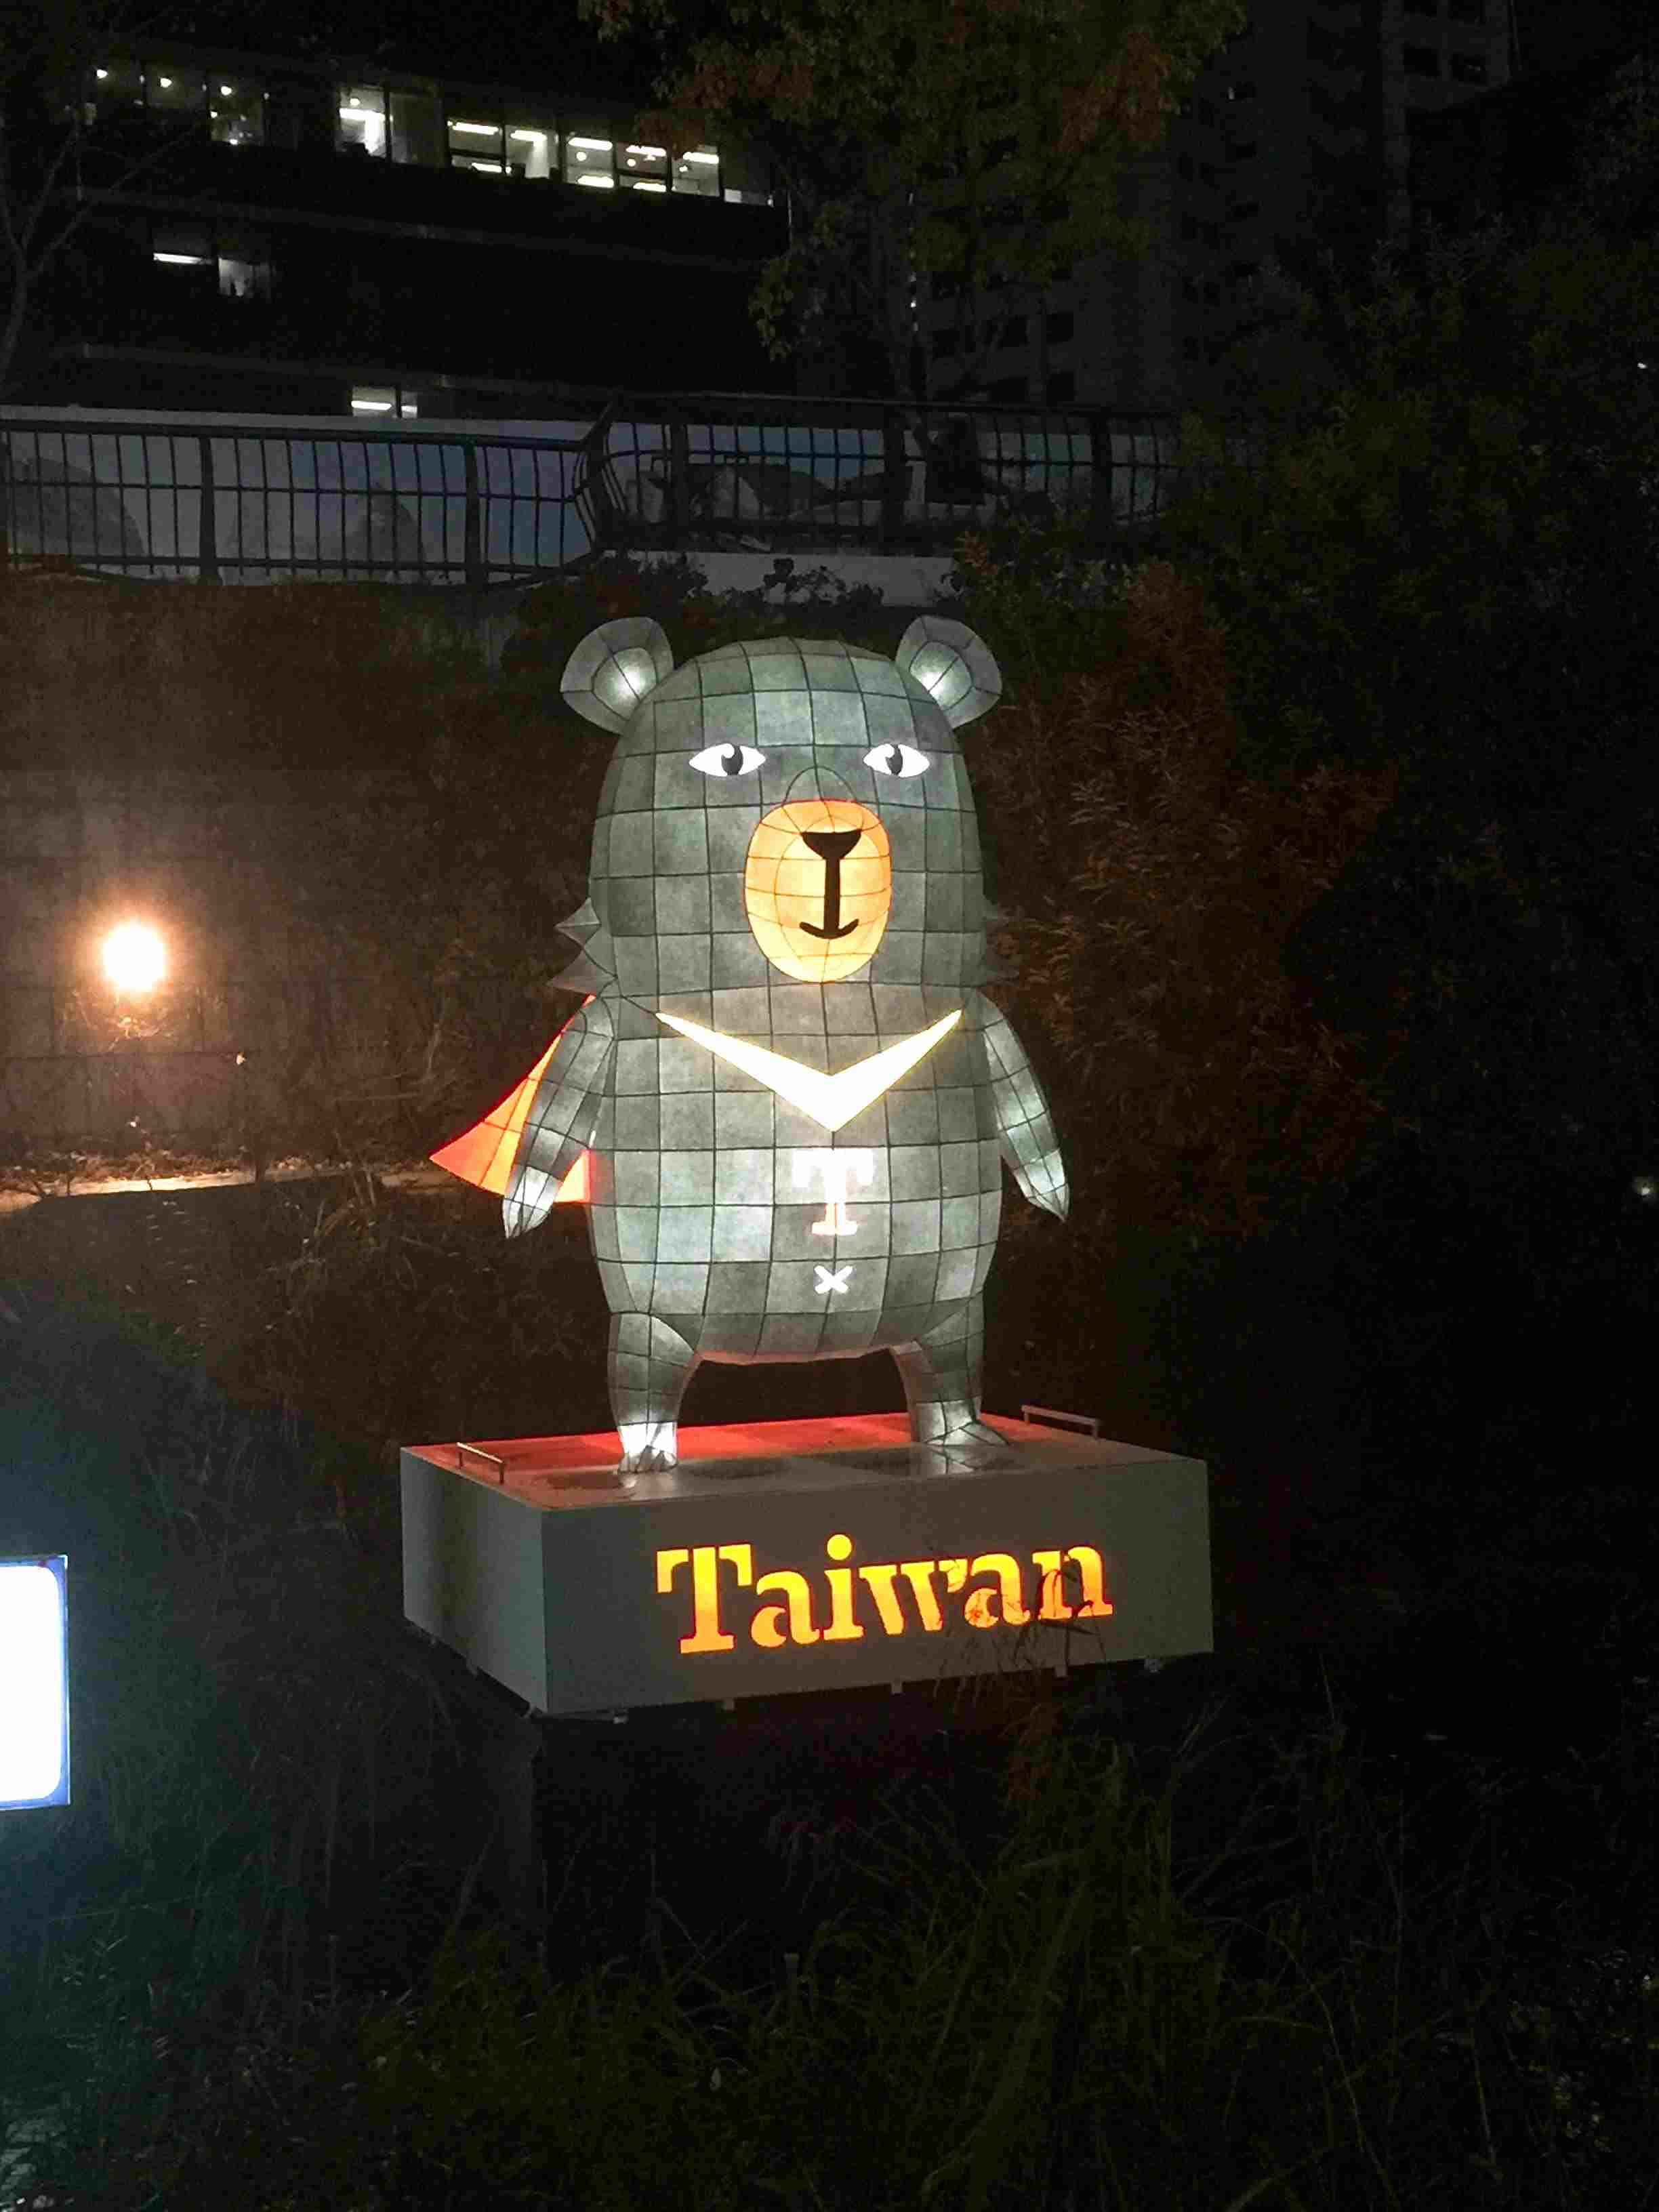 走著走著竟然發現有台灣代表耶!是的就是台灣黑熊沒錯~